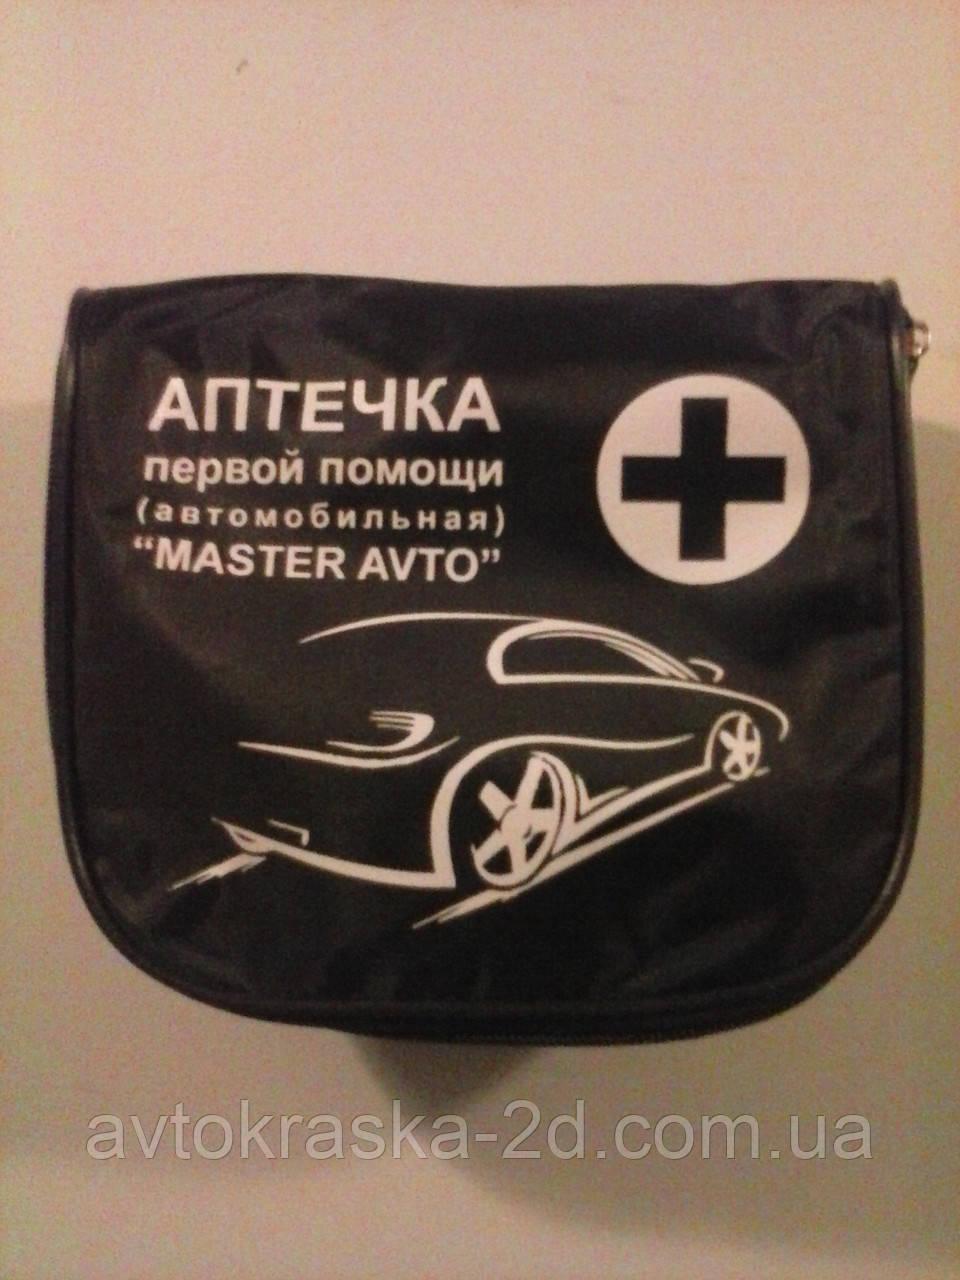 Аптечка автомобильная (мягкая упаковка).